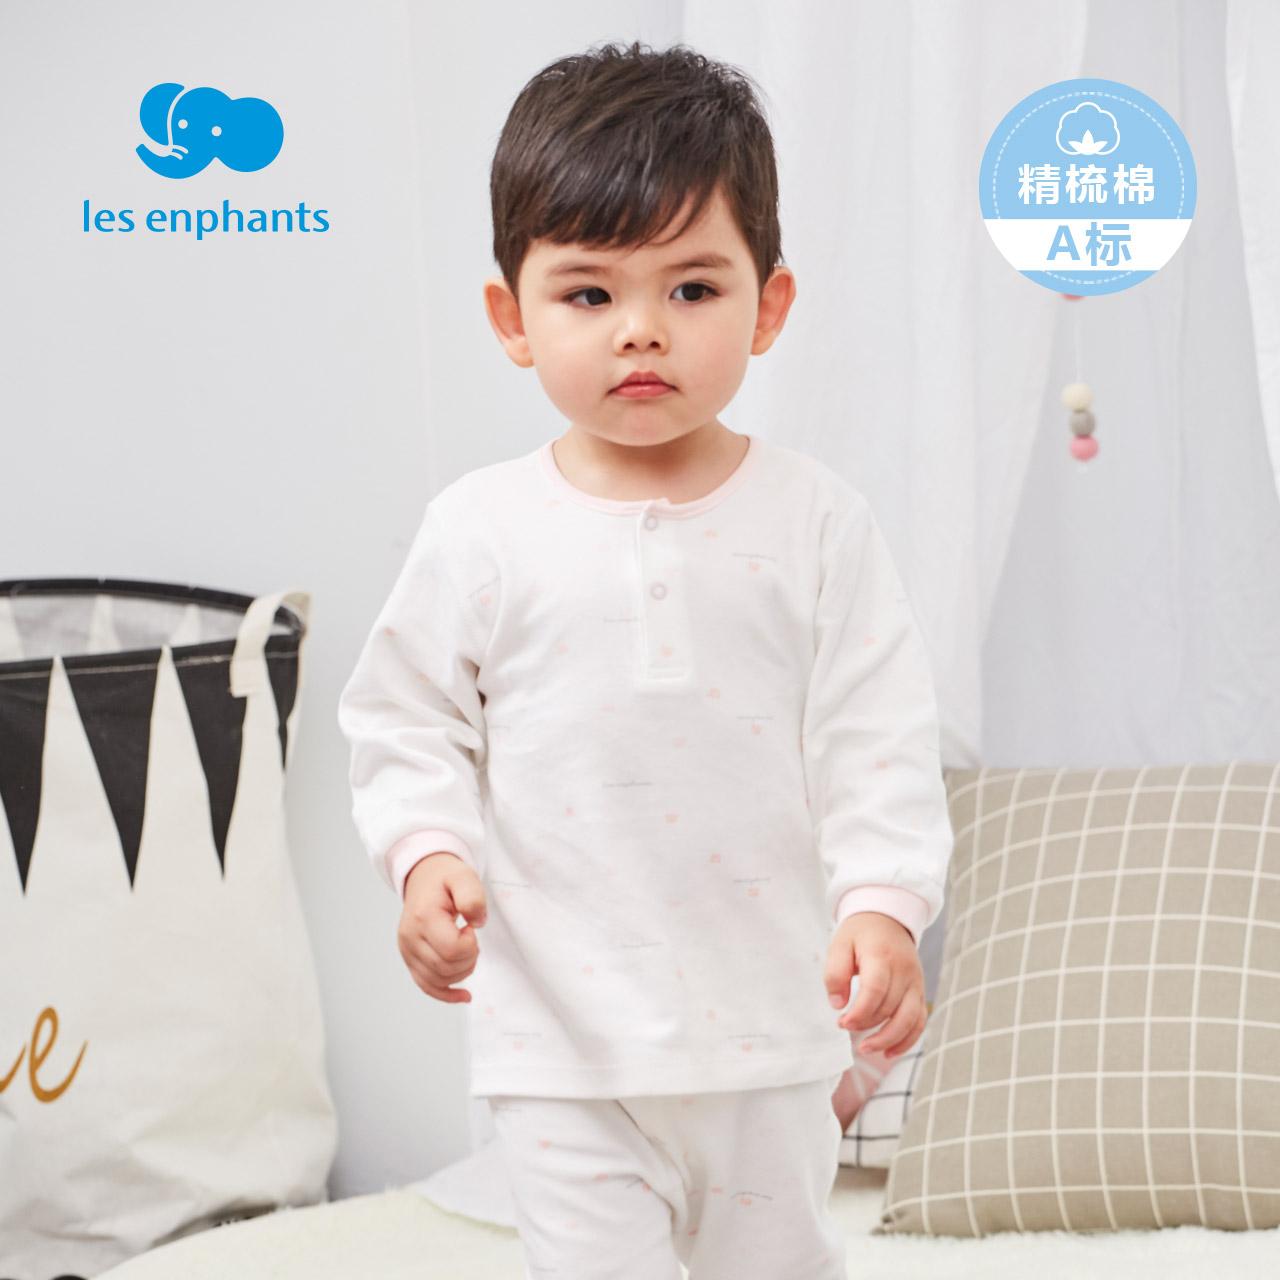 丽婴房婴儿衣服宝宝纯棉内衣套装儿童长袖睡衣套装2018秋季新款